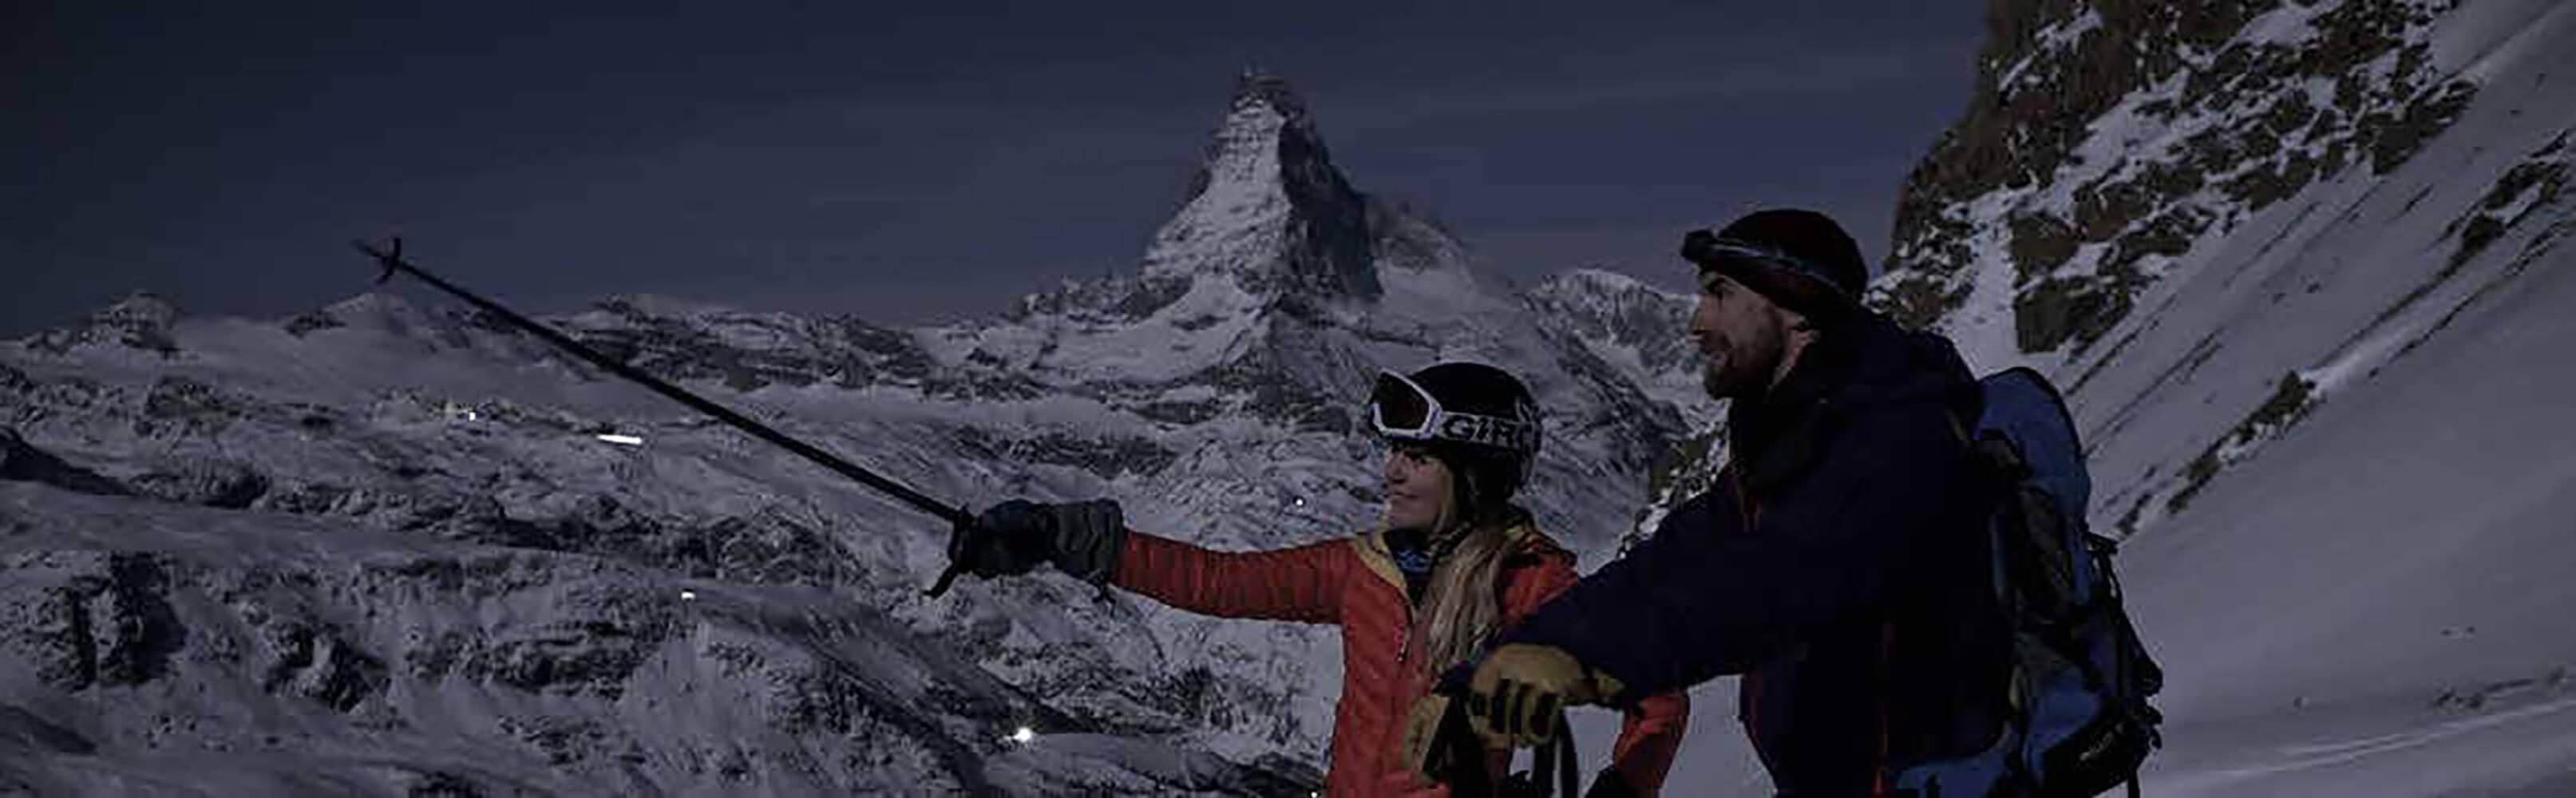 Mondscheinabfahrt Rothorn Zermatt 1